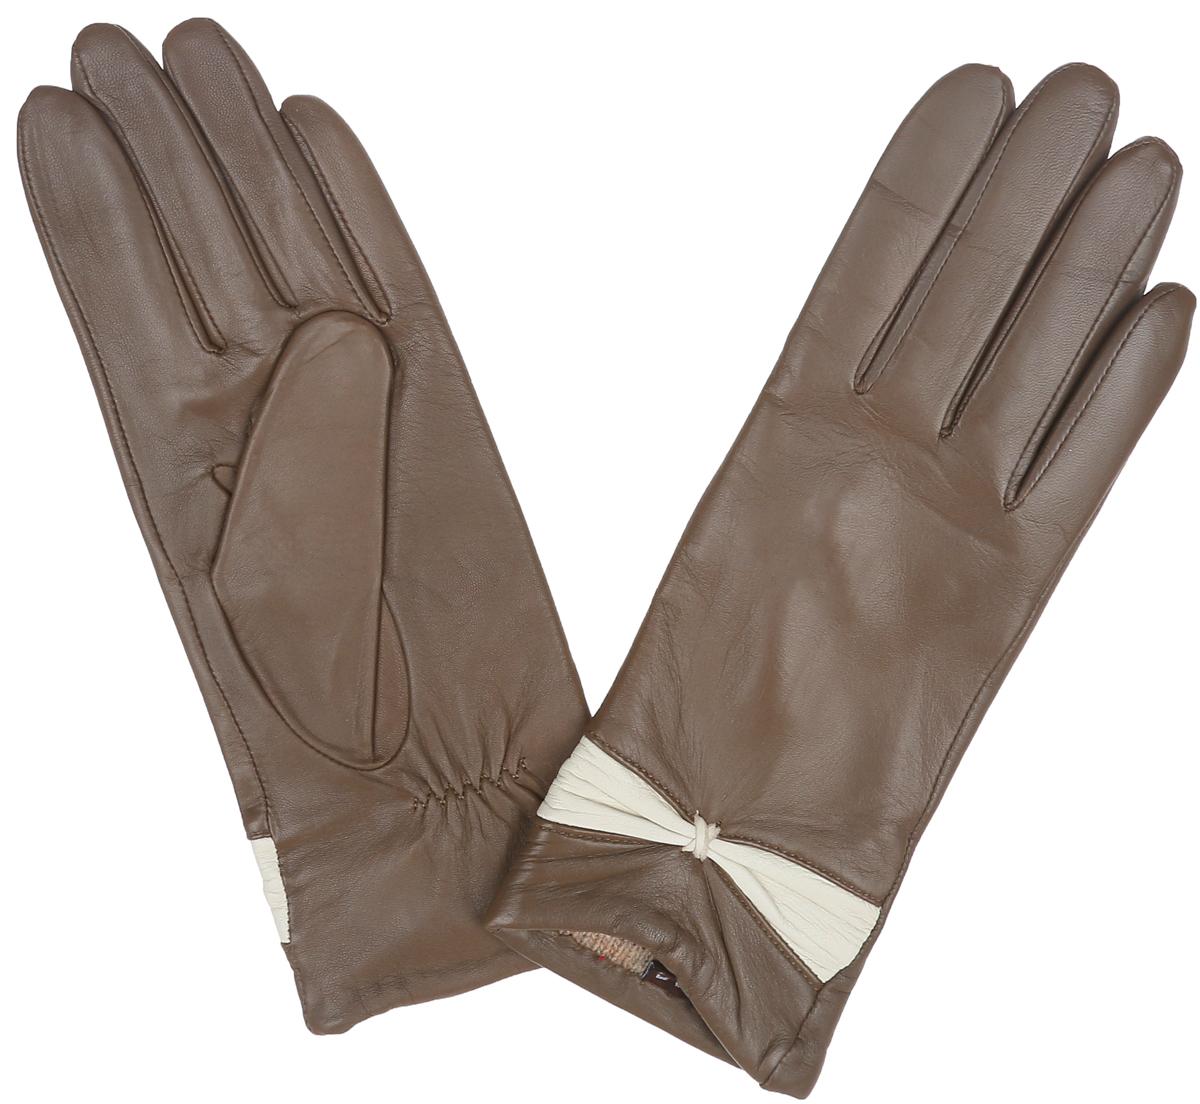 ПерчаткиLB-3015Классические женские перчатки Labbra не только защитят ваши руки, но и станут великолепным украшением. Перчатки выполнены из чрезвычайно мягкой и приятной на ощупь натуральной кожи ягненка, а их подкладка - из натуральной шерсти с добавлением акрила. Внешняя сторона перчатки декорирована кожаной вставкой в виде элегантного бантика. Внутренняя сторона дополнена аккуратной сборкой. В настоящее время перчатки являются неотъемлемой принадлежностью одежды, вместе с этим аксессуаром вы обретаете женственность и элегантность. Перчатки станут завершающим и подчеркивающим элементом вашего стиля и неповторимости.